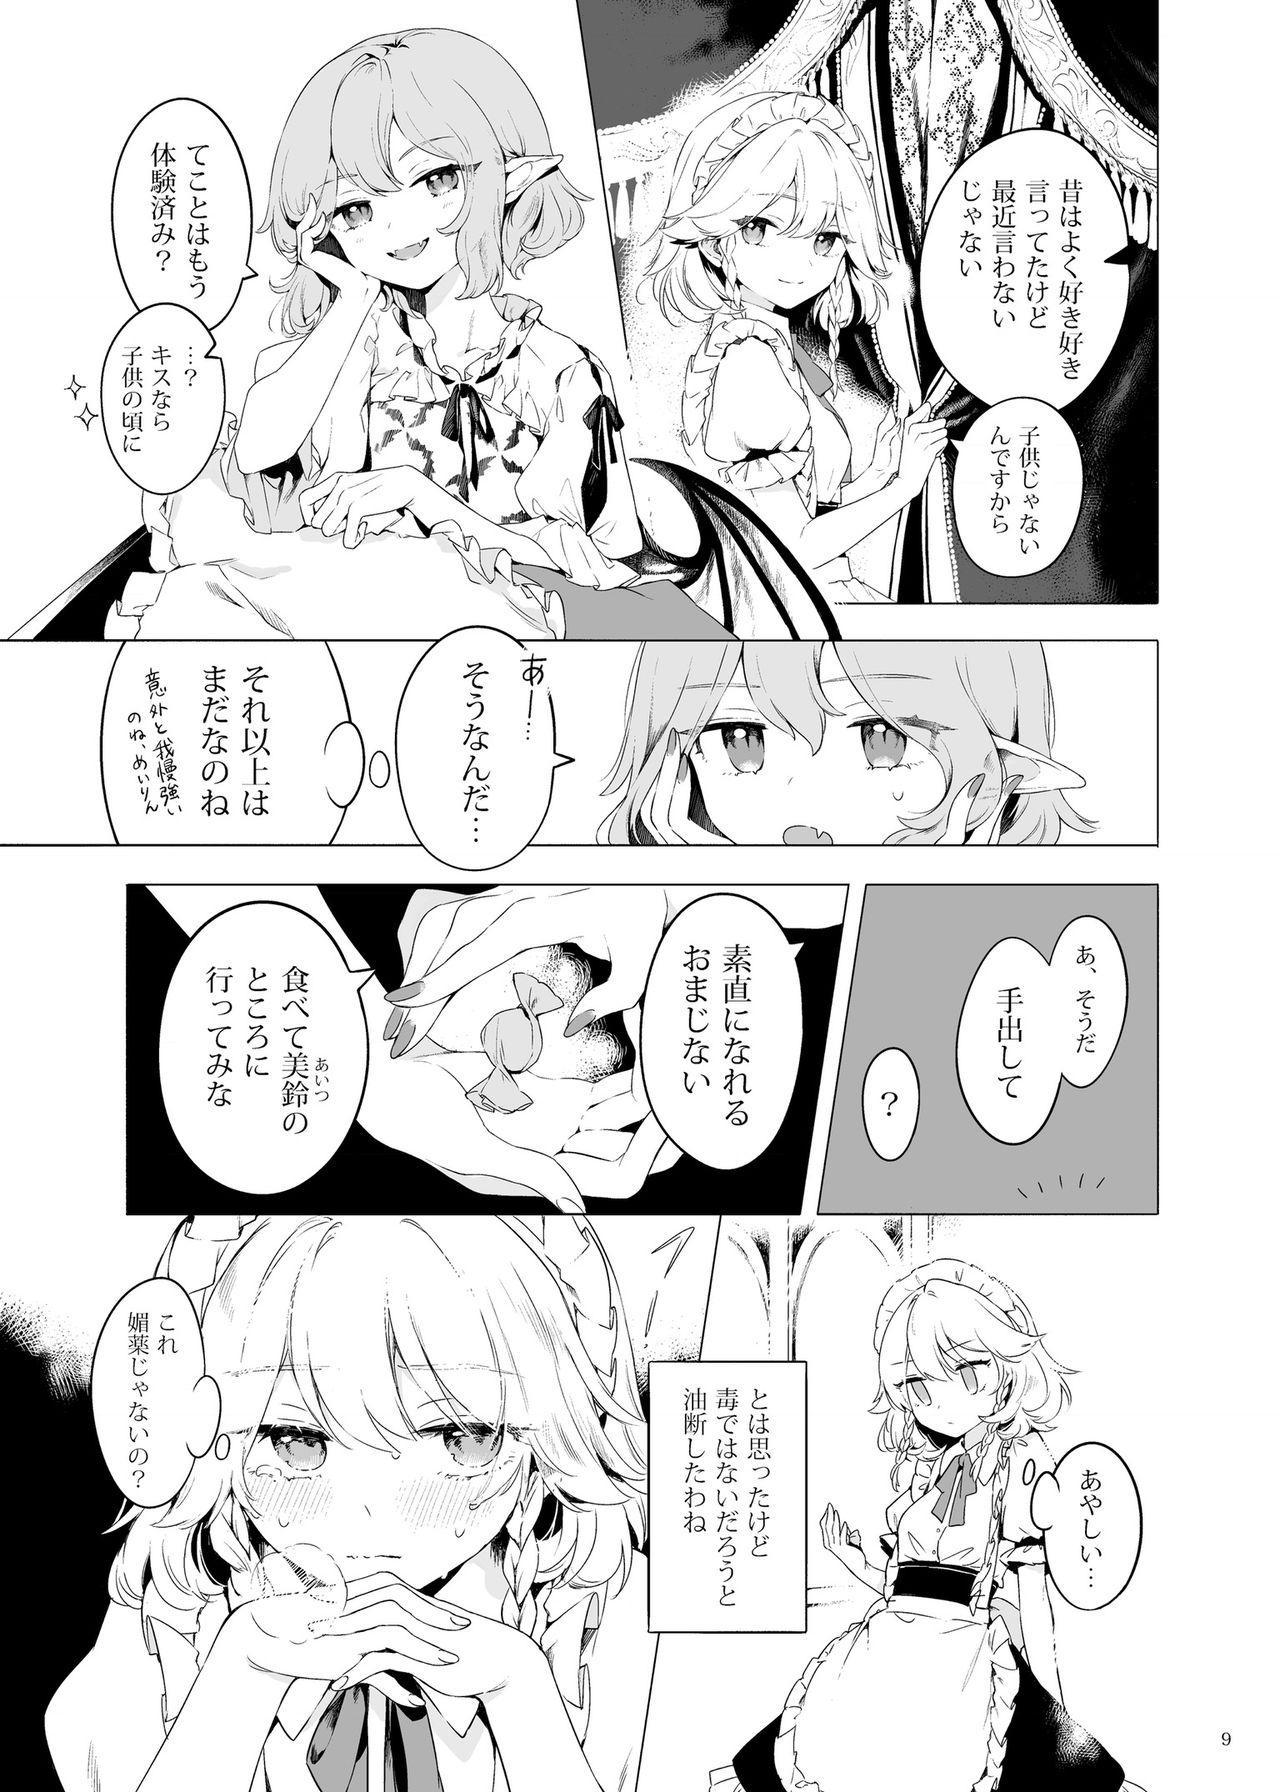 Meiling ni Kawaigarareru Sakuya-san ga Mitai Hon 7